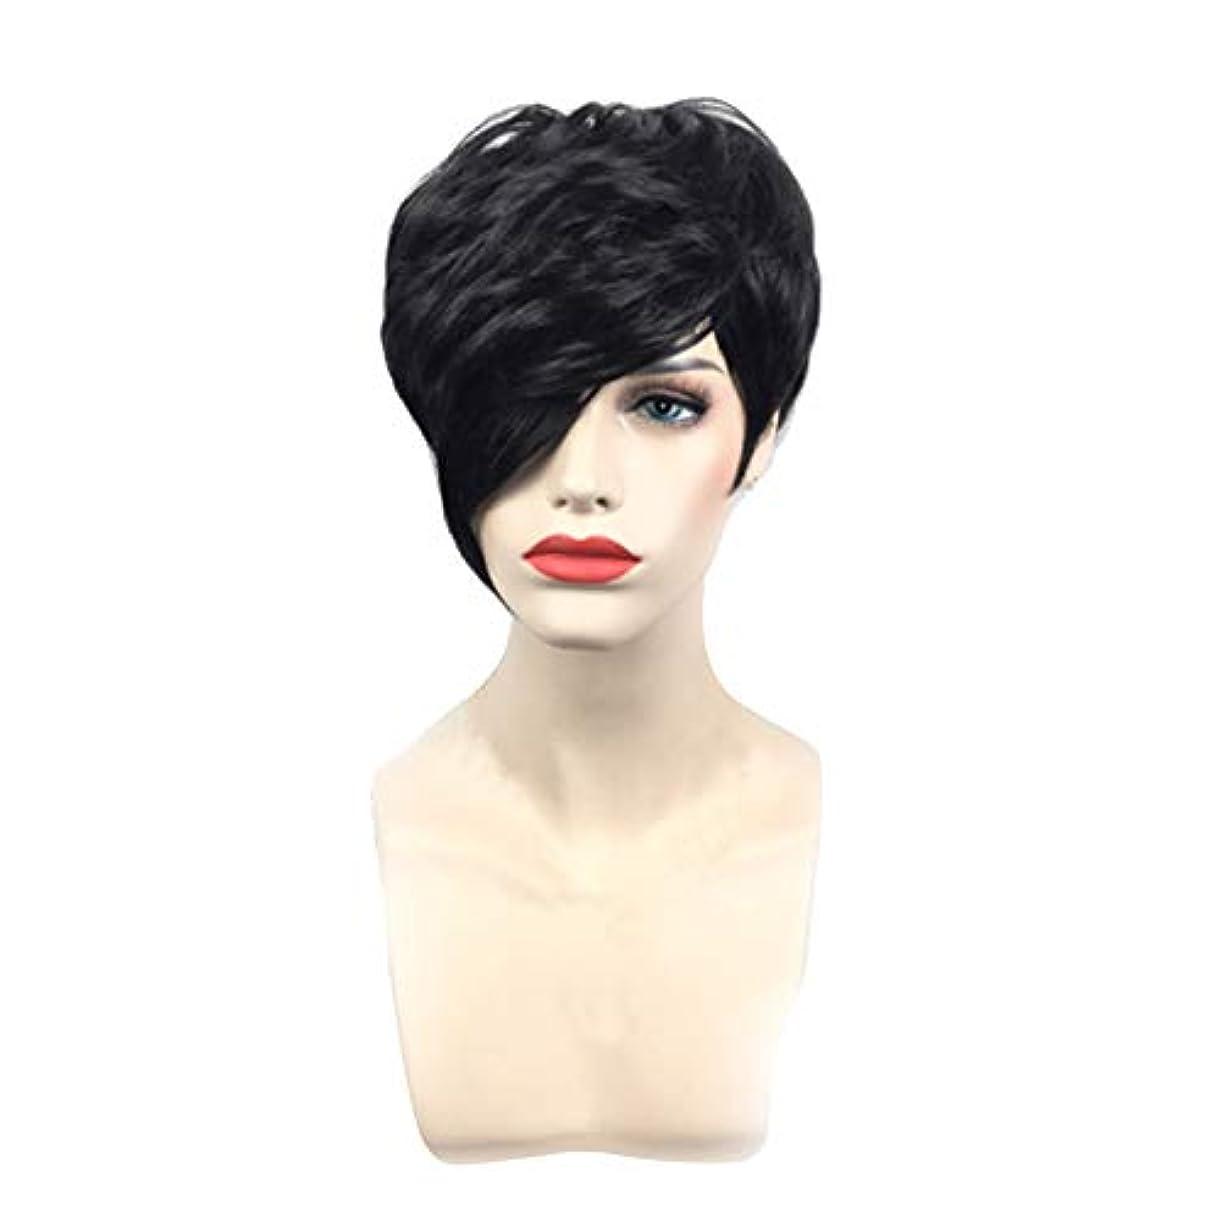 略す曲がった悪い黒の短いストレートヘアフルウィッグファッションコス小道具かつら